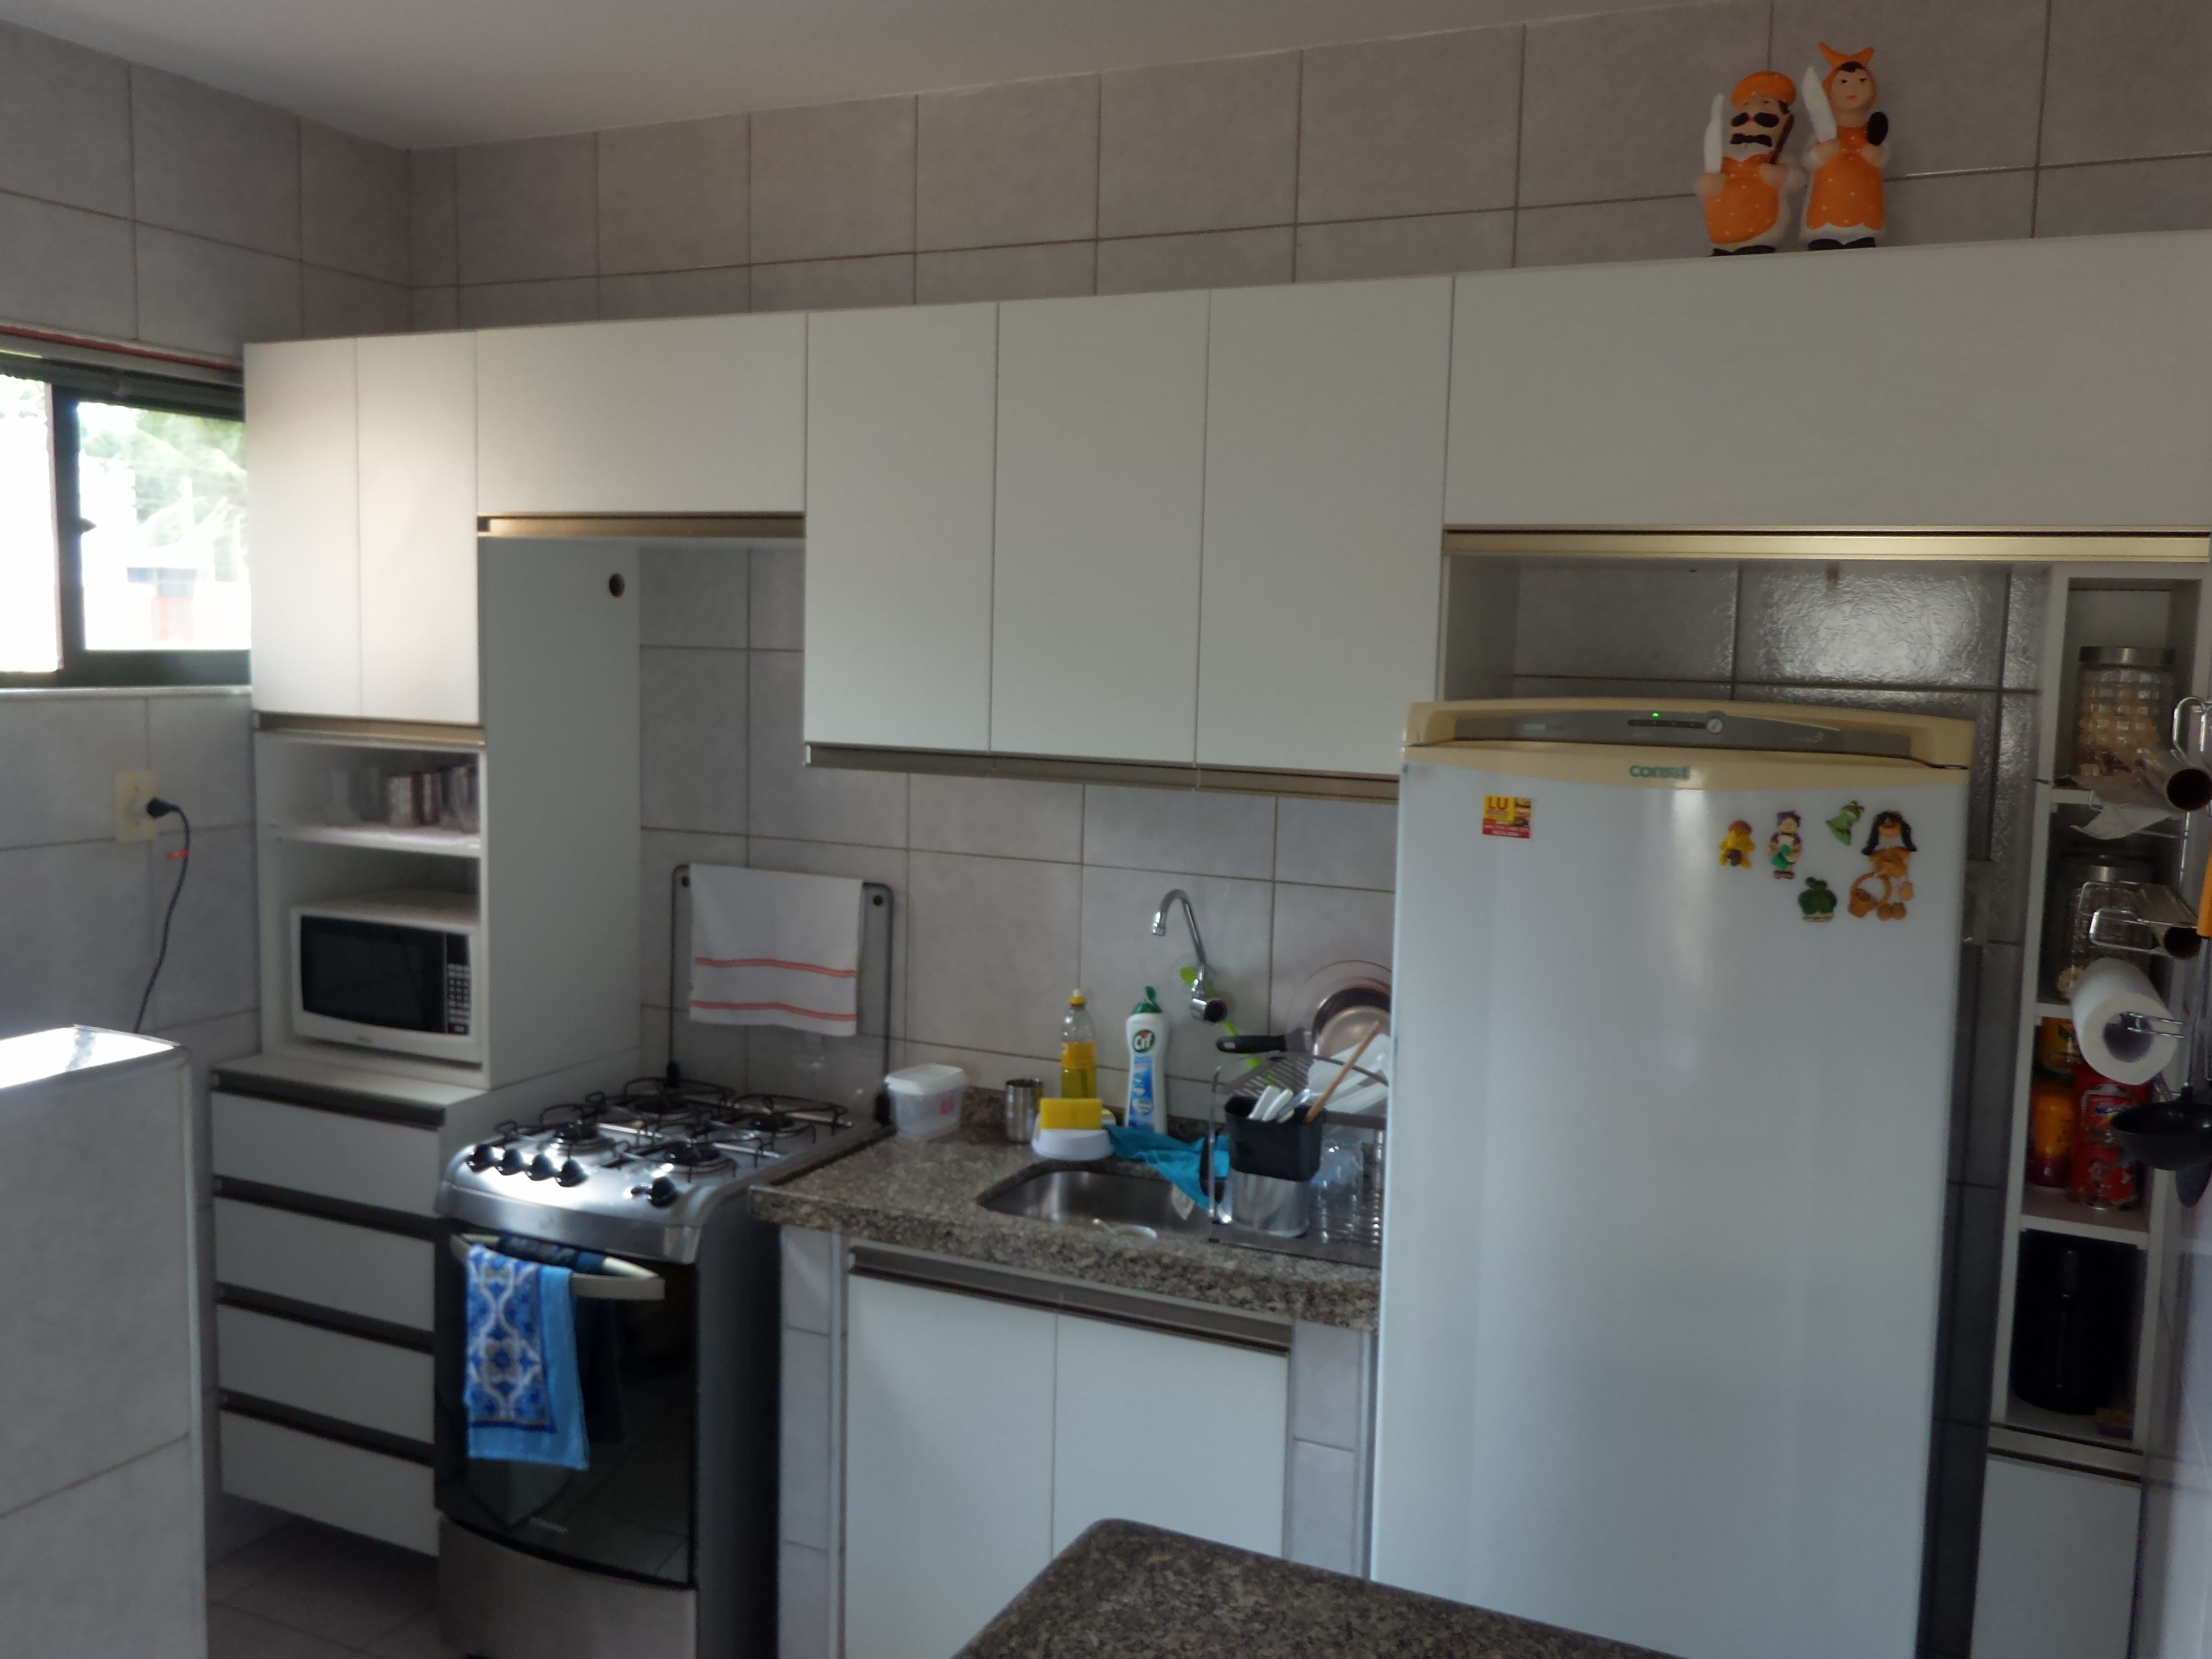 Cozinha Completa Em Mdf Branco Fosco E Perfil Inox Como Acabamento